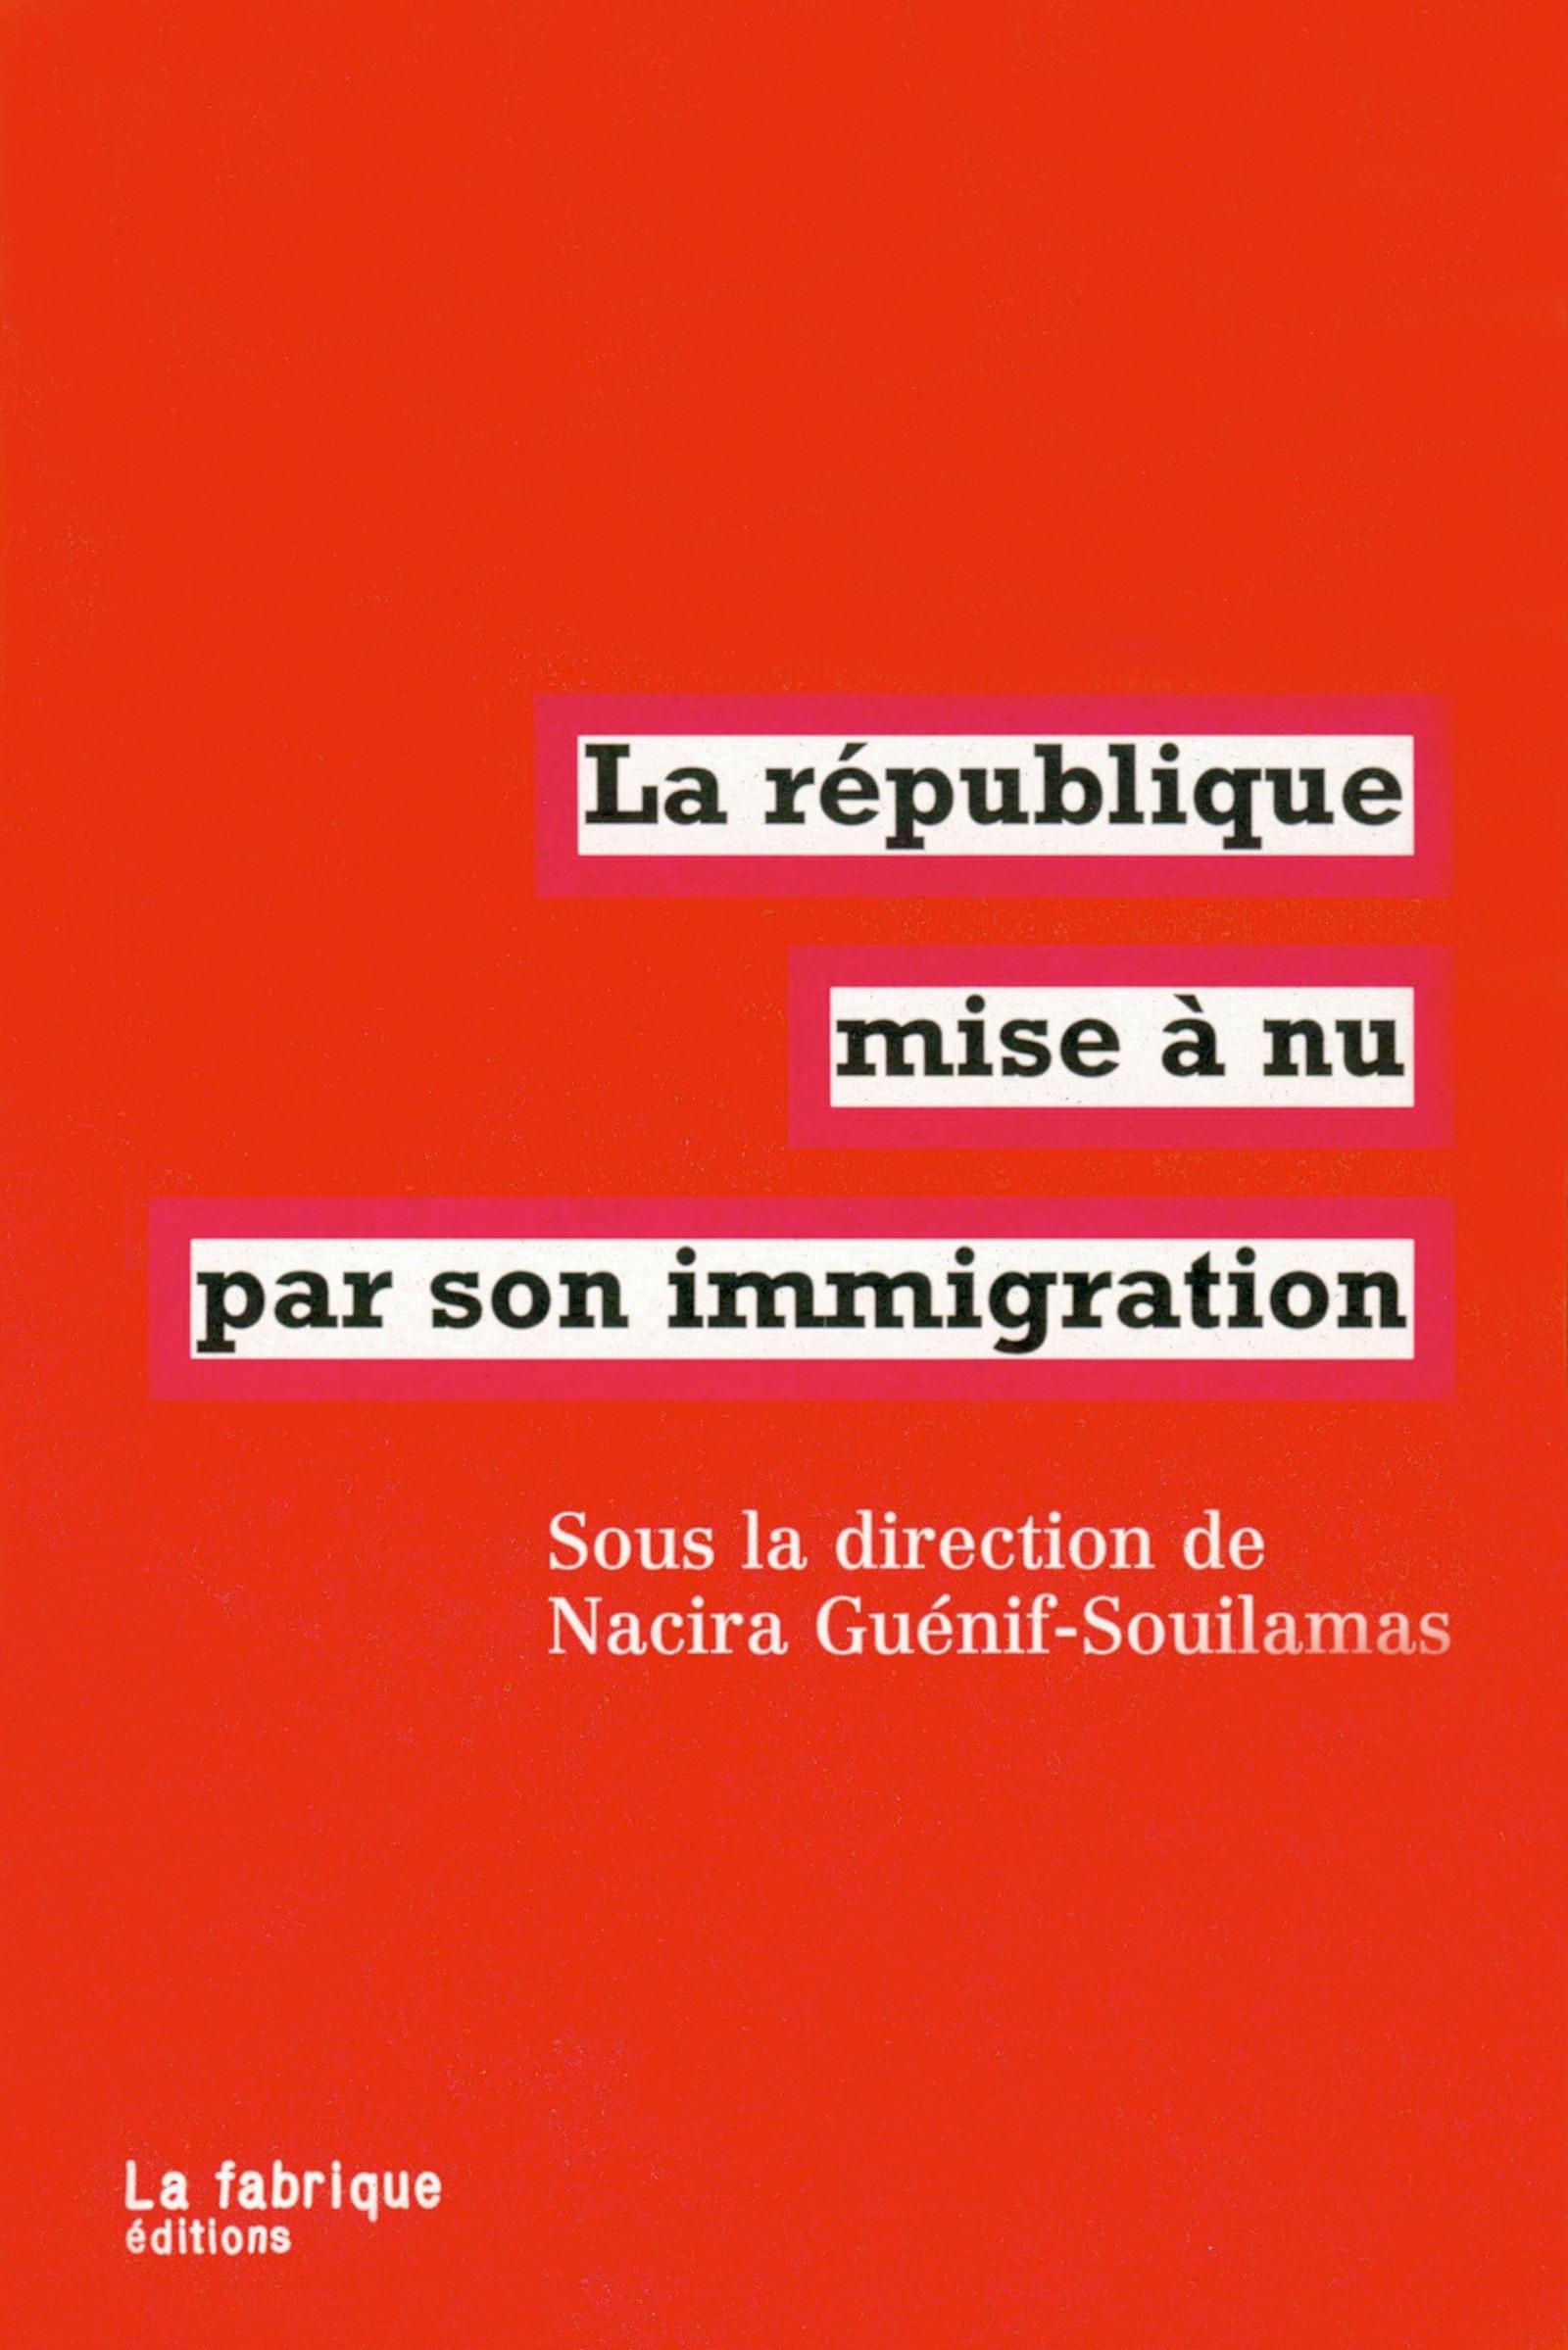 La republique mise a nu par son immigration